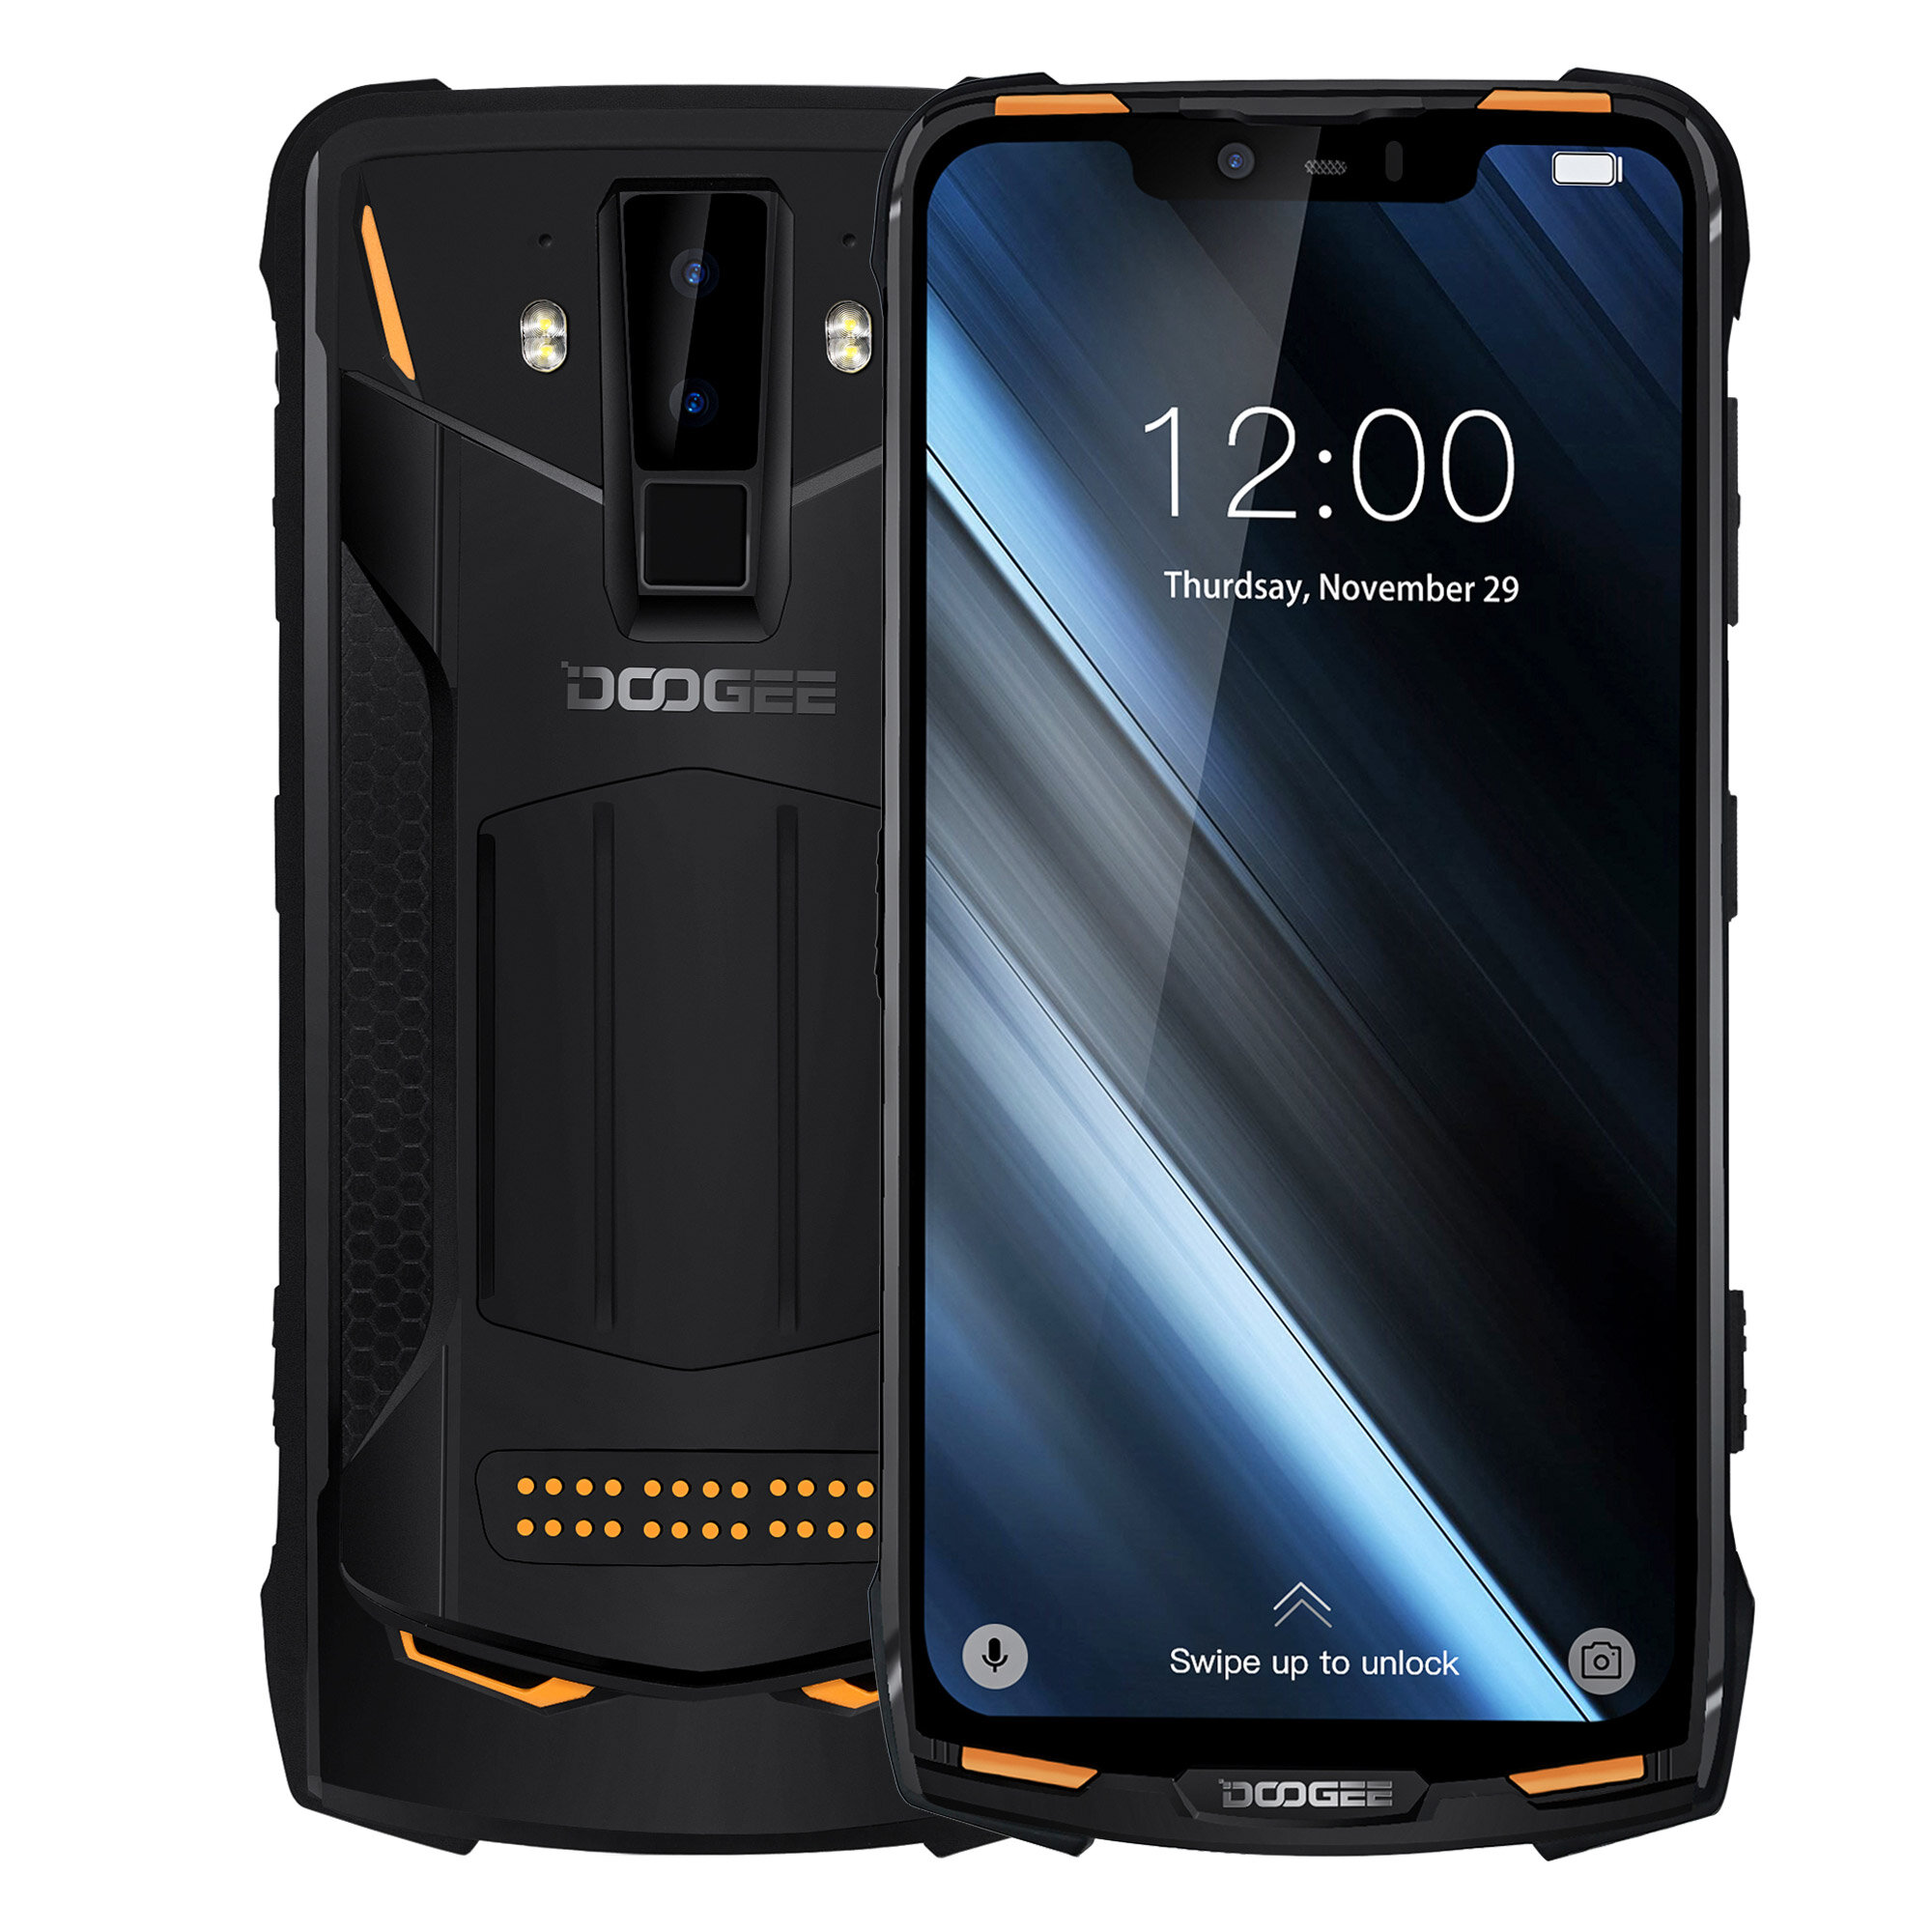 US$299.9925%DOOGEE S90 6.18 Inch FHD+ IP68 Waterproof NFC 5050mAh 6GB RAM 128GB ROM Helio P60 Octa Core 4G SmartphoneSmartphonesfromMobile Phones & Accessorieson banggood.com